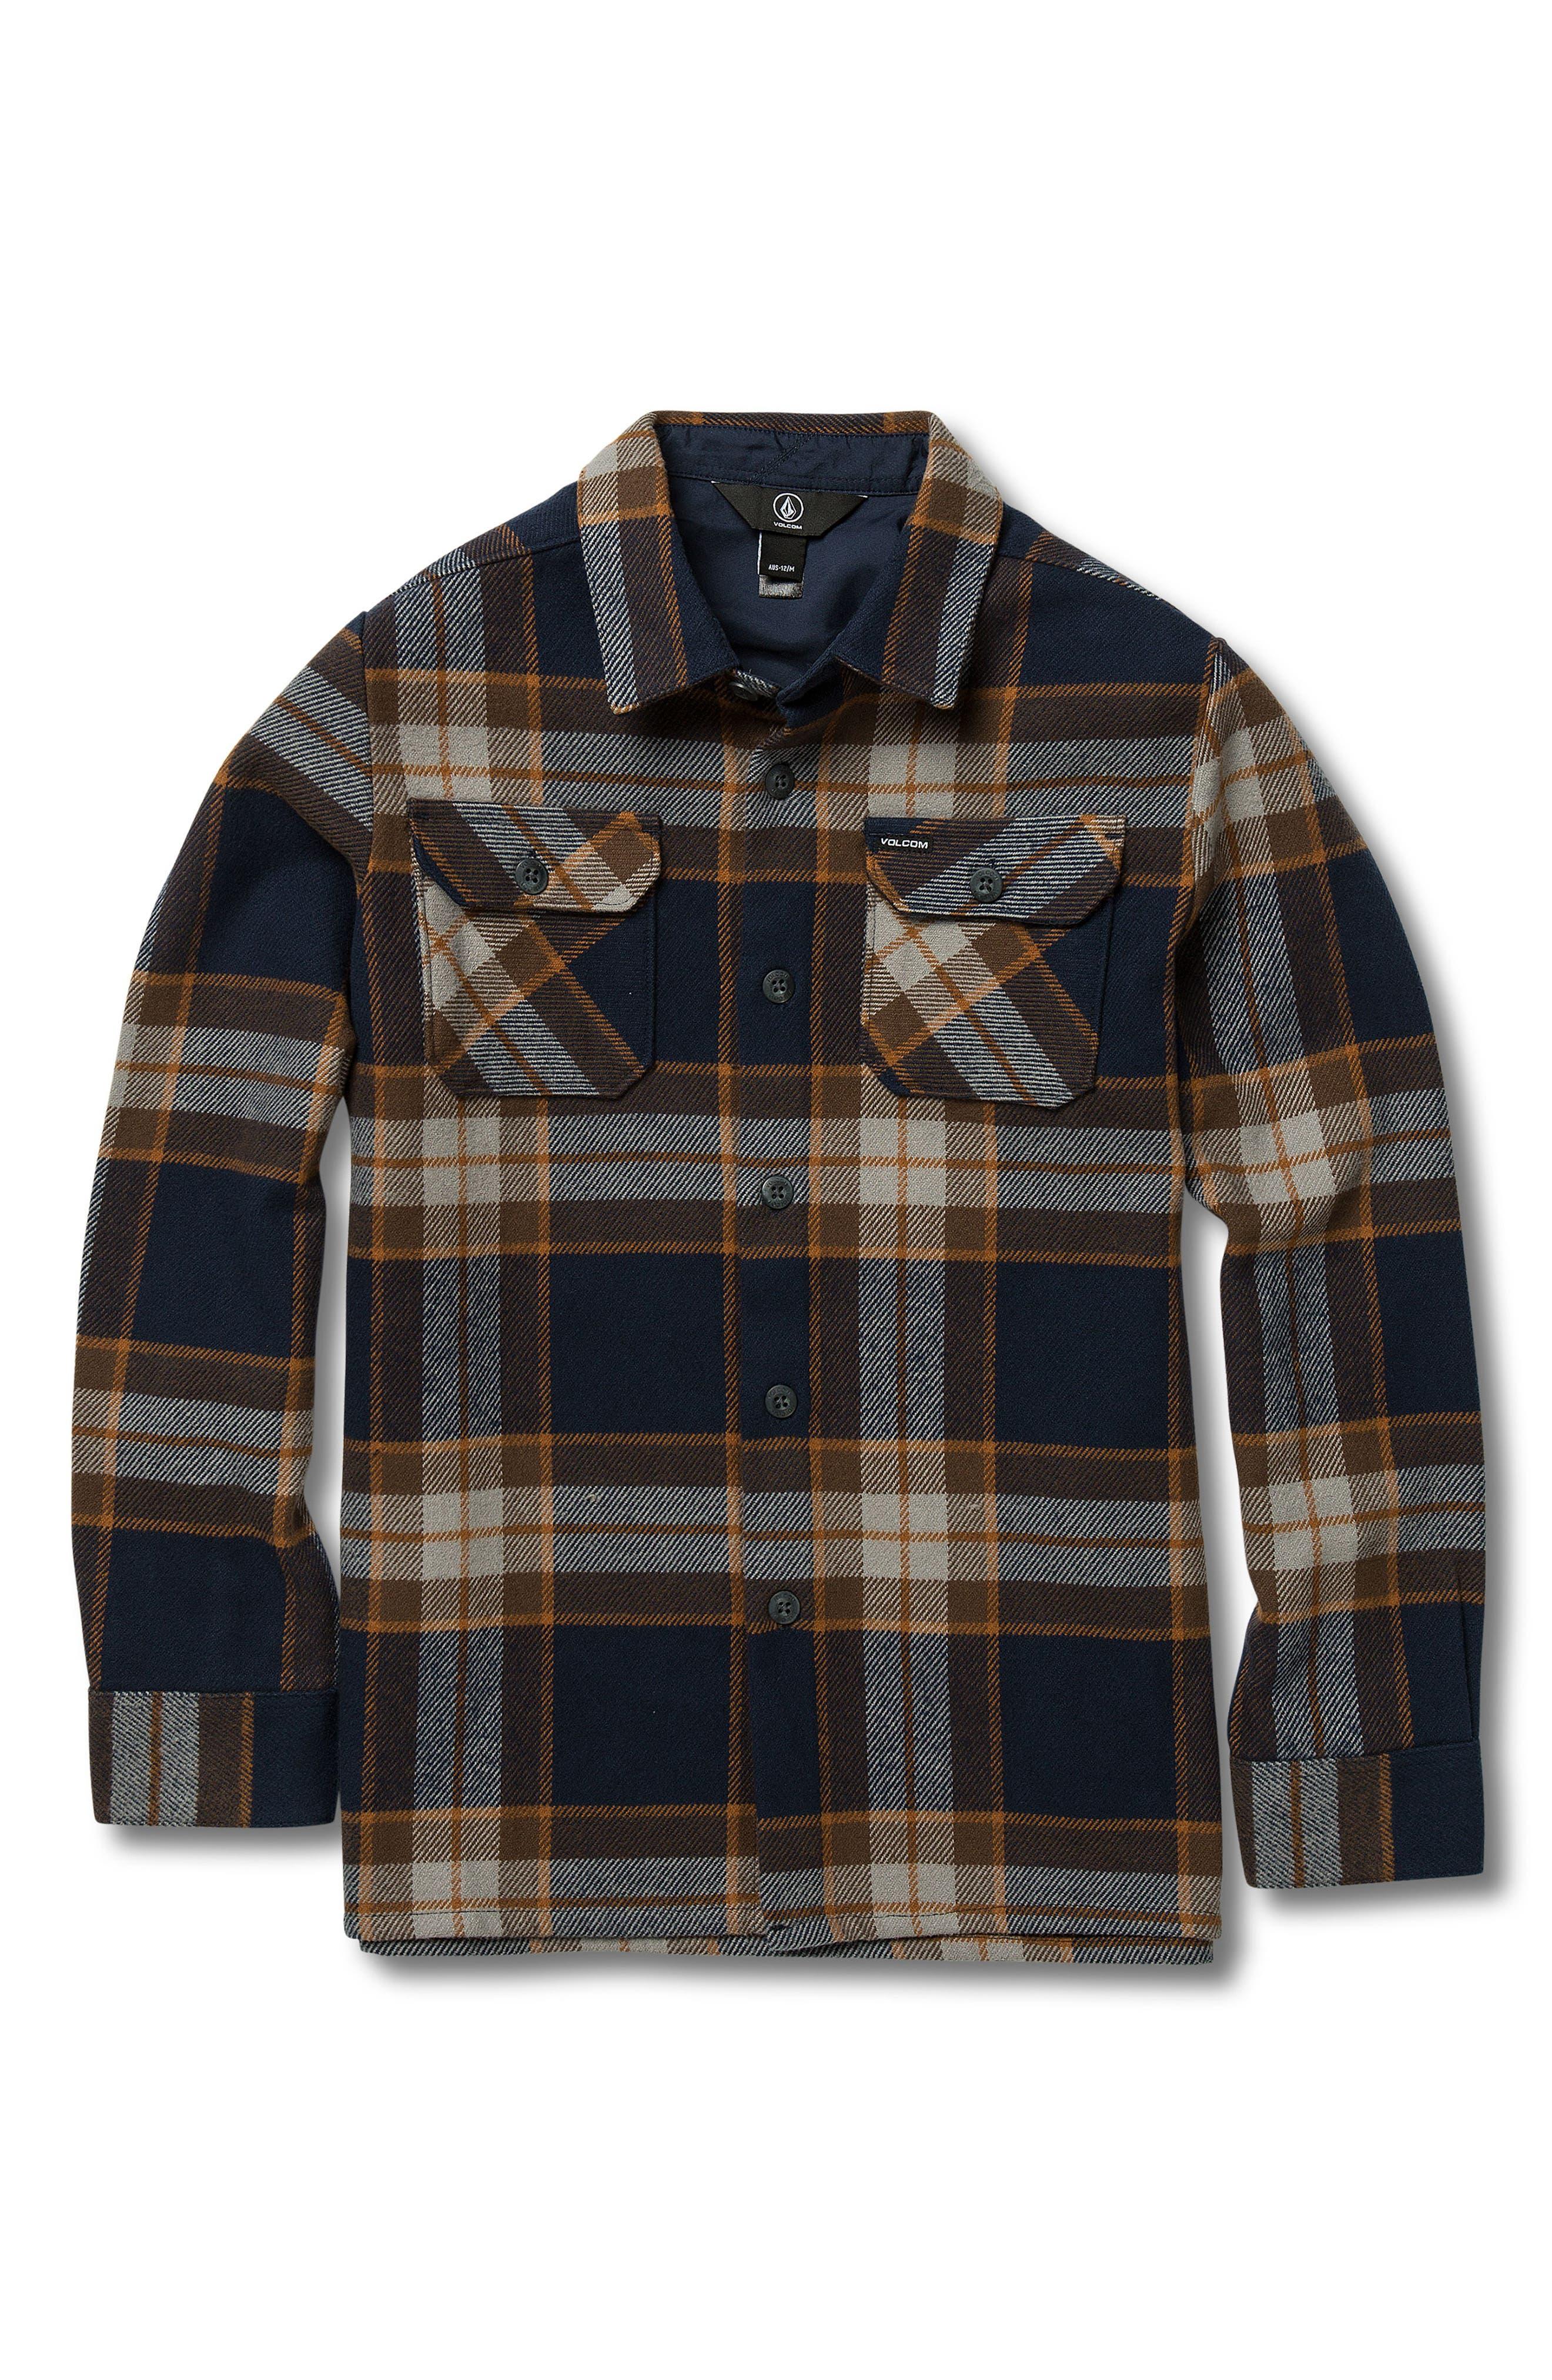 VOLCOM Randower Plaid Flannel Shirt, Main, color, MELINDIGO